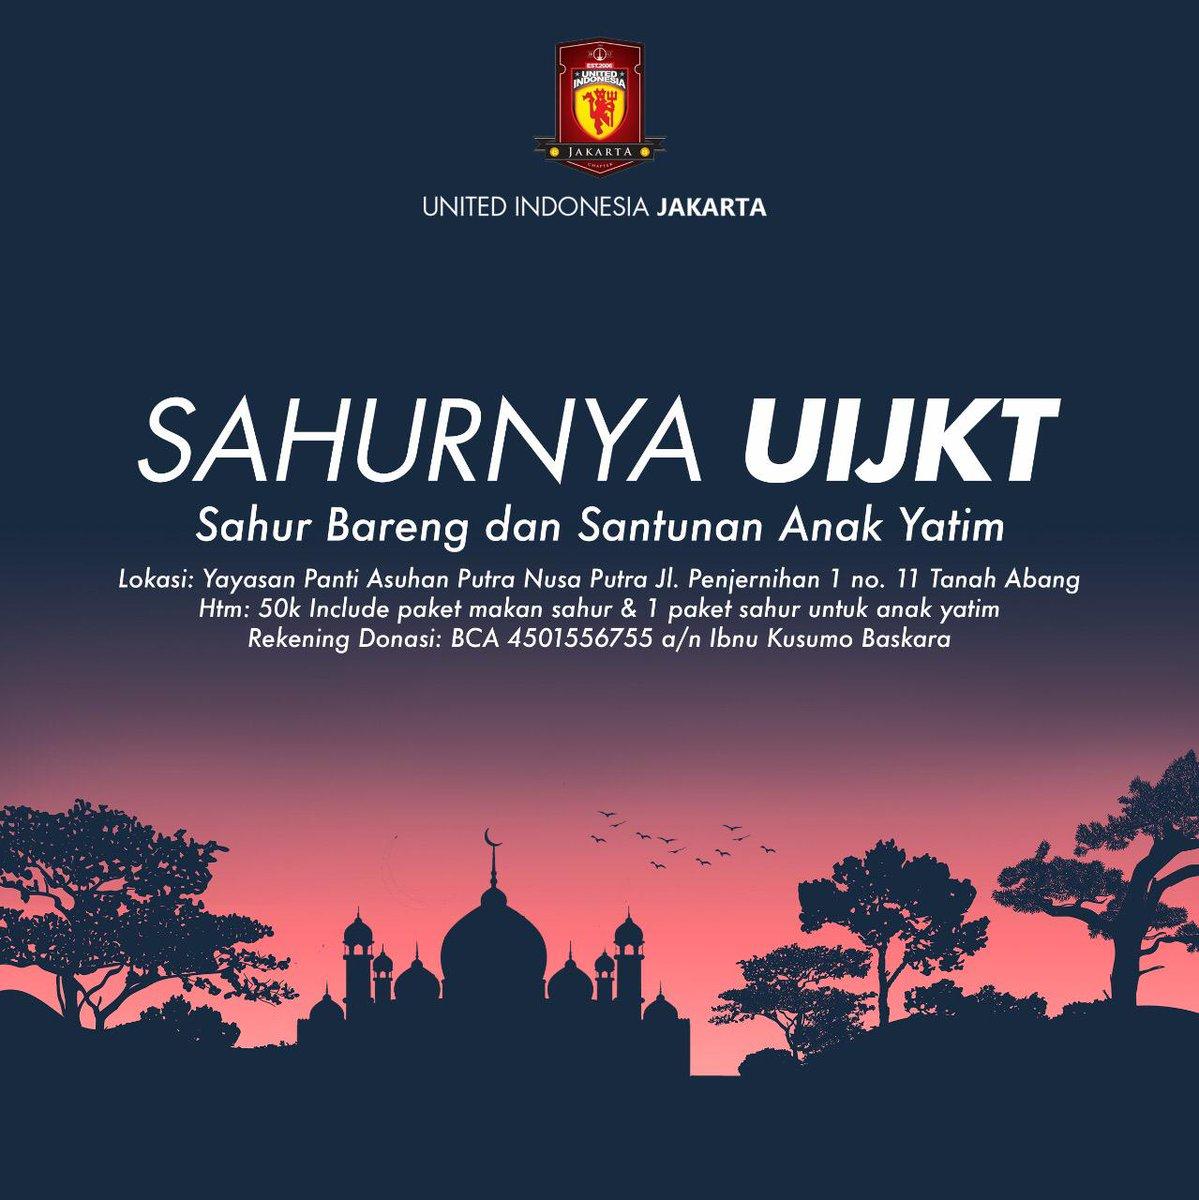 #UIJKT mengadakan acara Sahur bersama Anak Yatim Piatu di Benhil.  Sahur Bareng akan langsung dilaksanakan di Yayasan Panti Asuhan Putra Nusa Putra tgl 19 Mei nanti. Jika kalian berminat bisa menghubungi no WA di 085817193879 (Dika).  #SahurnyaUIJKT